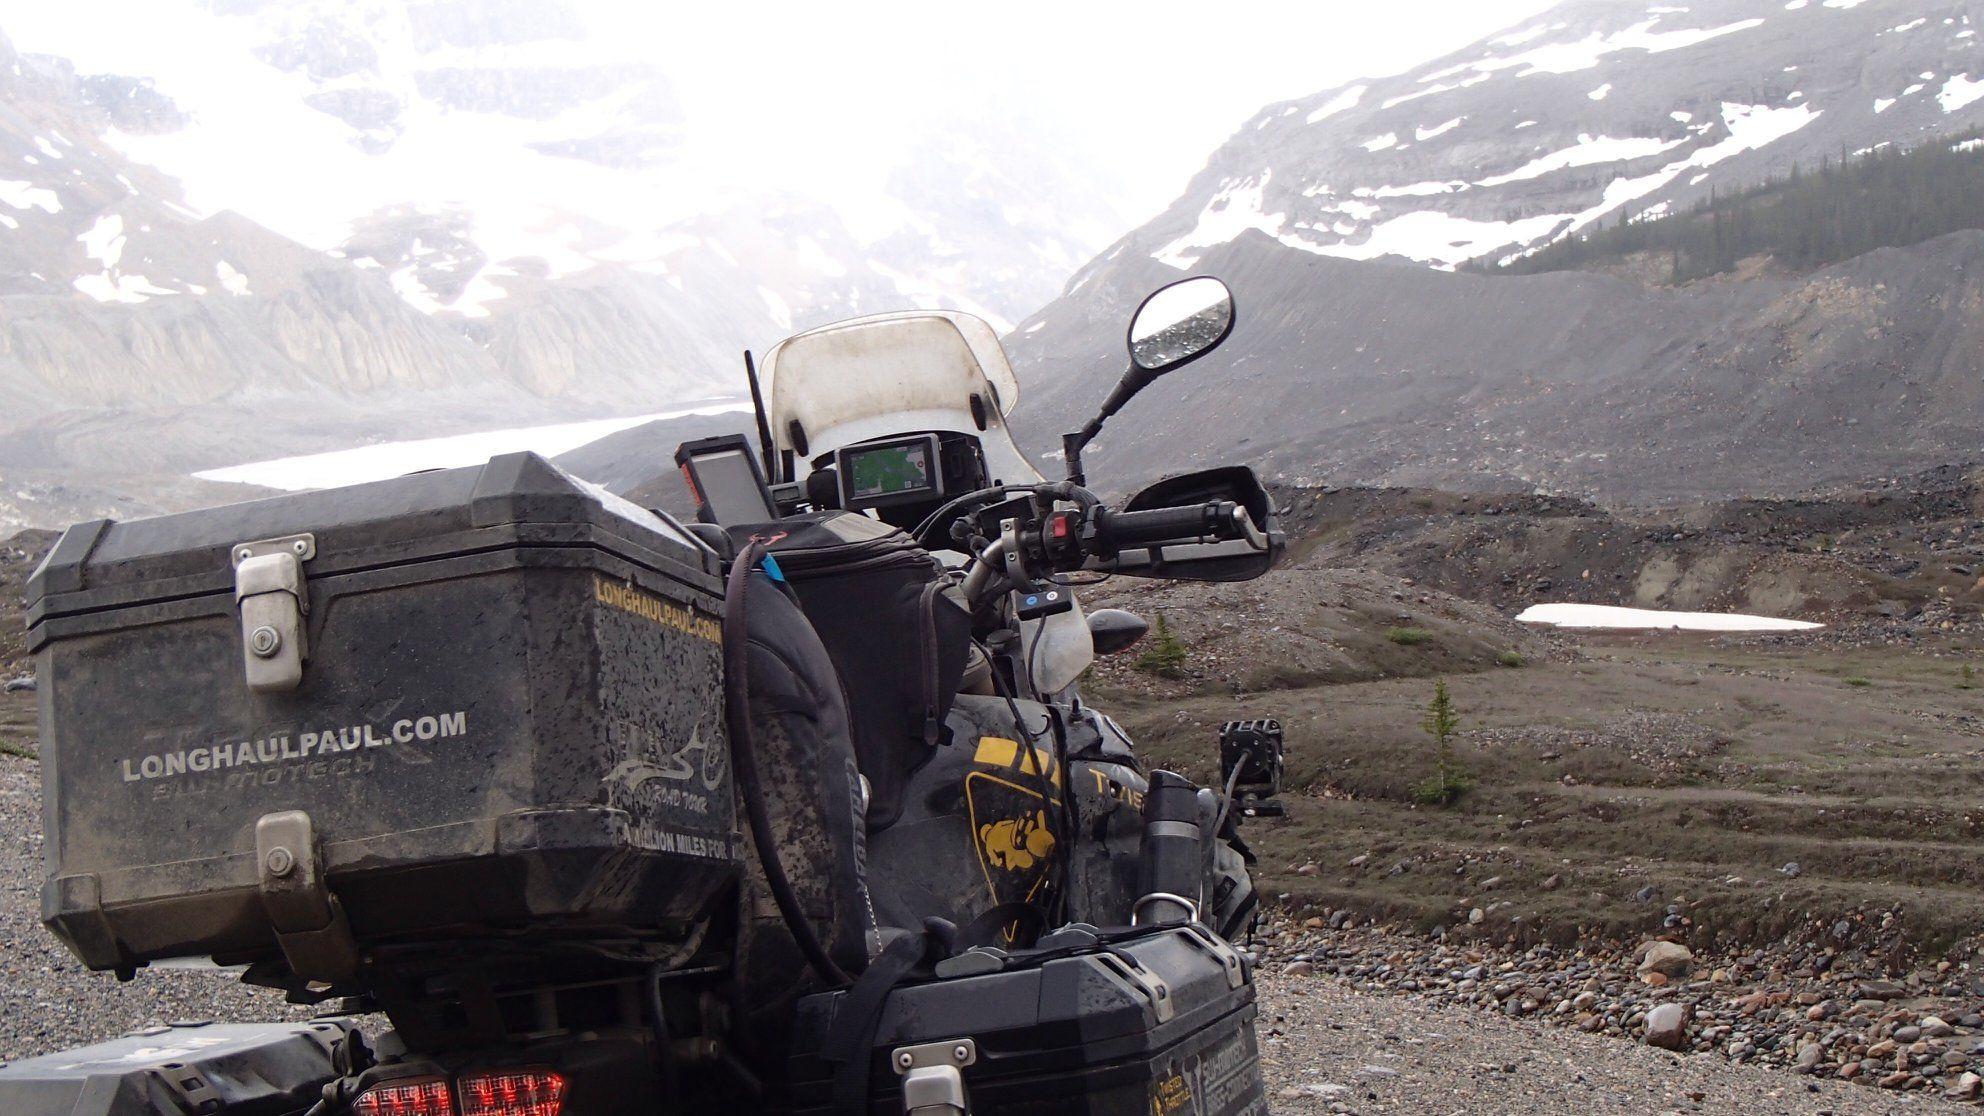 Μοτοσυκλέτα σε τοπίο με χιονισμένα βουνά